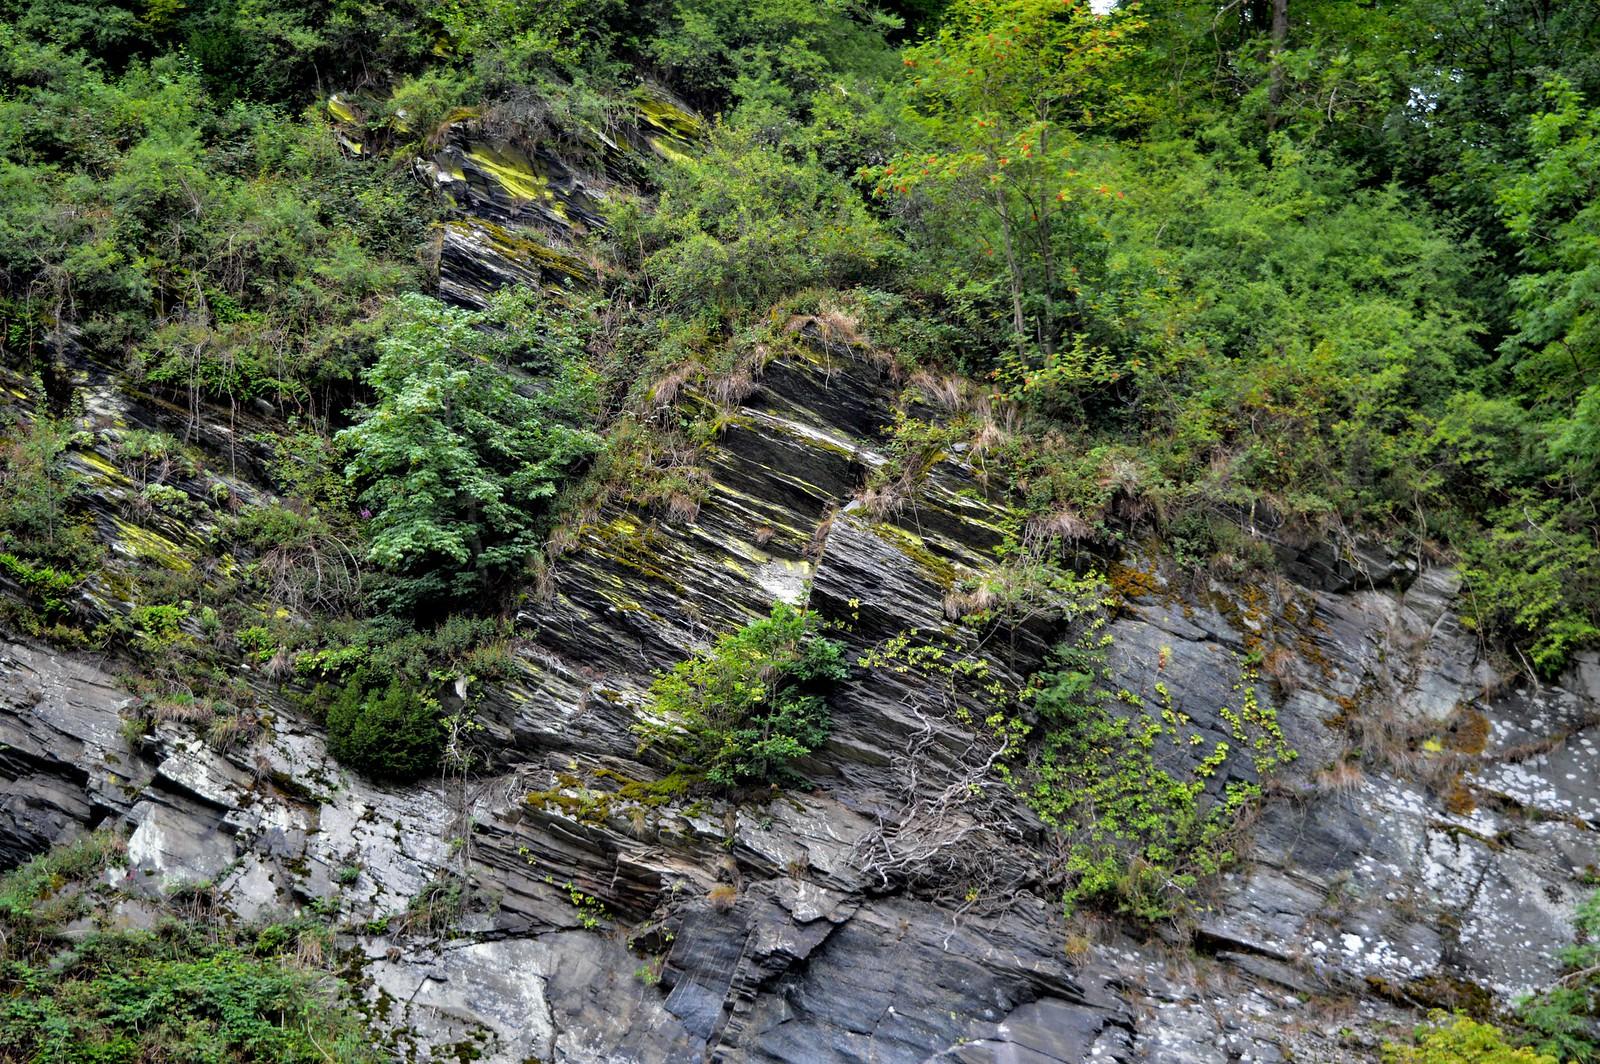 Geological feature in the German Eifel region.